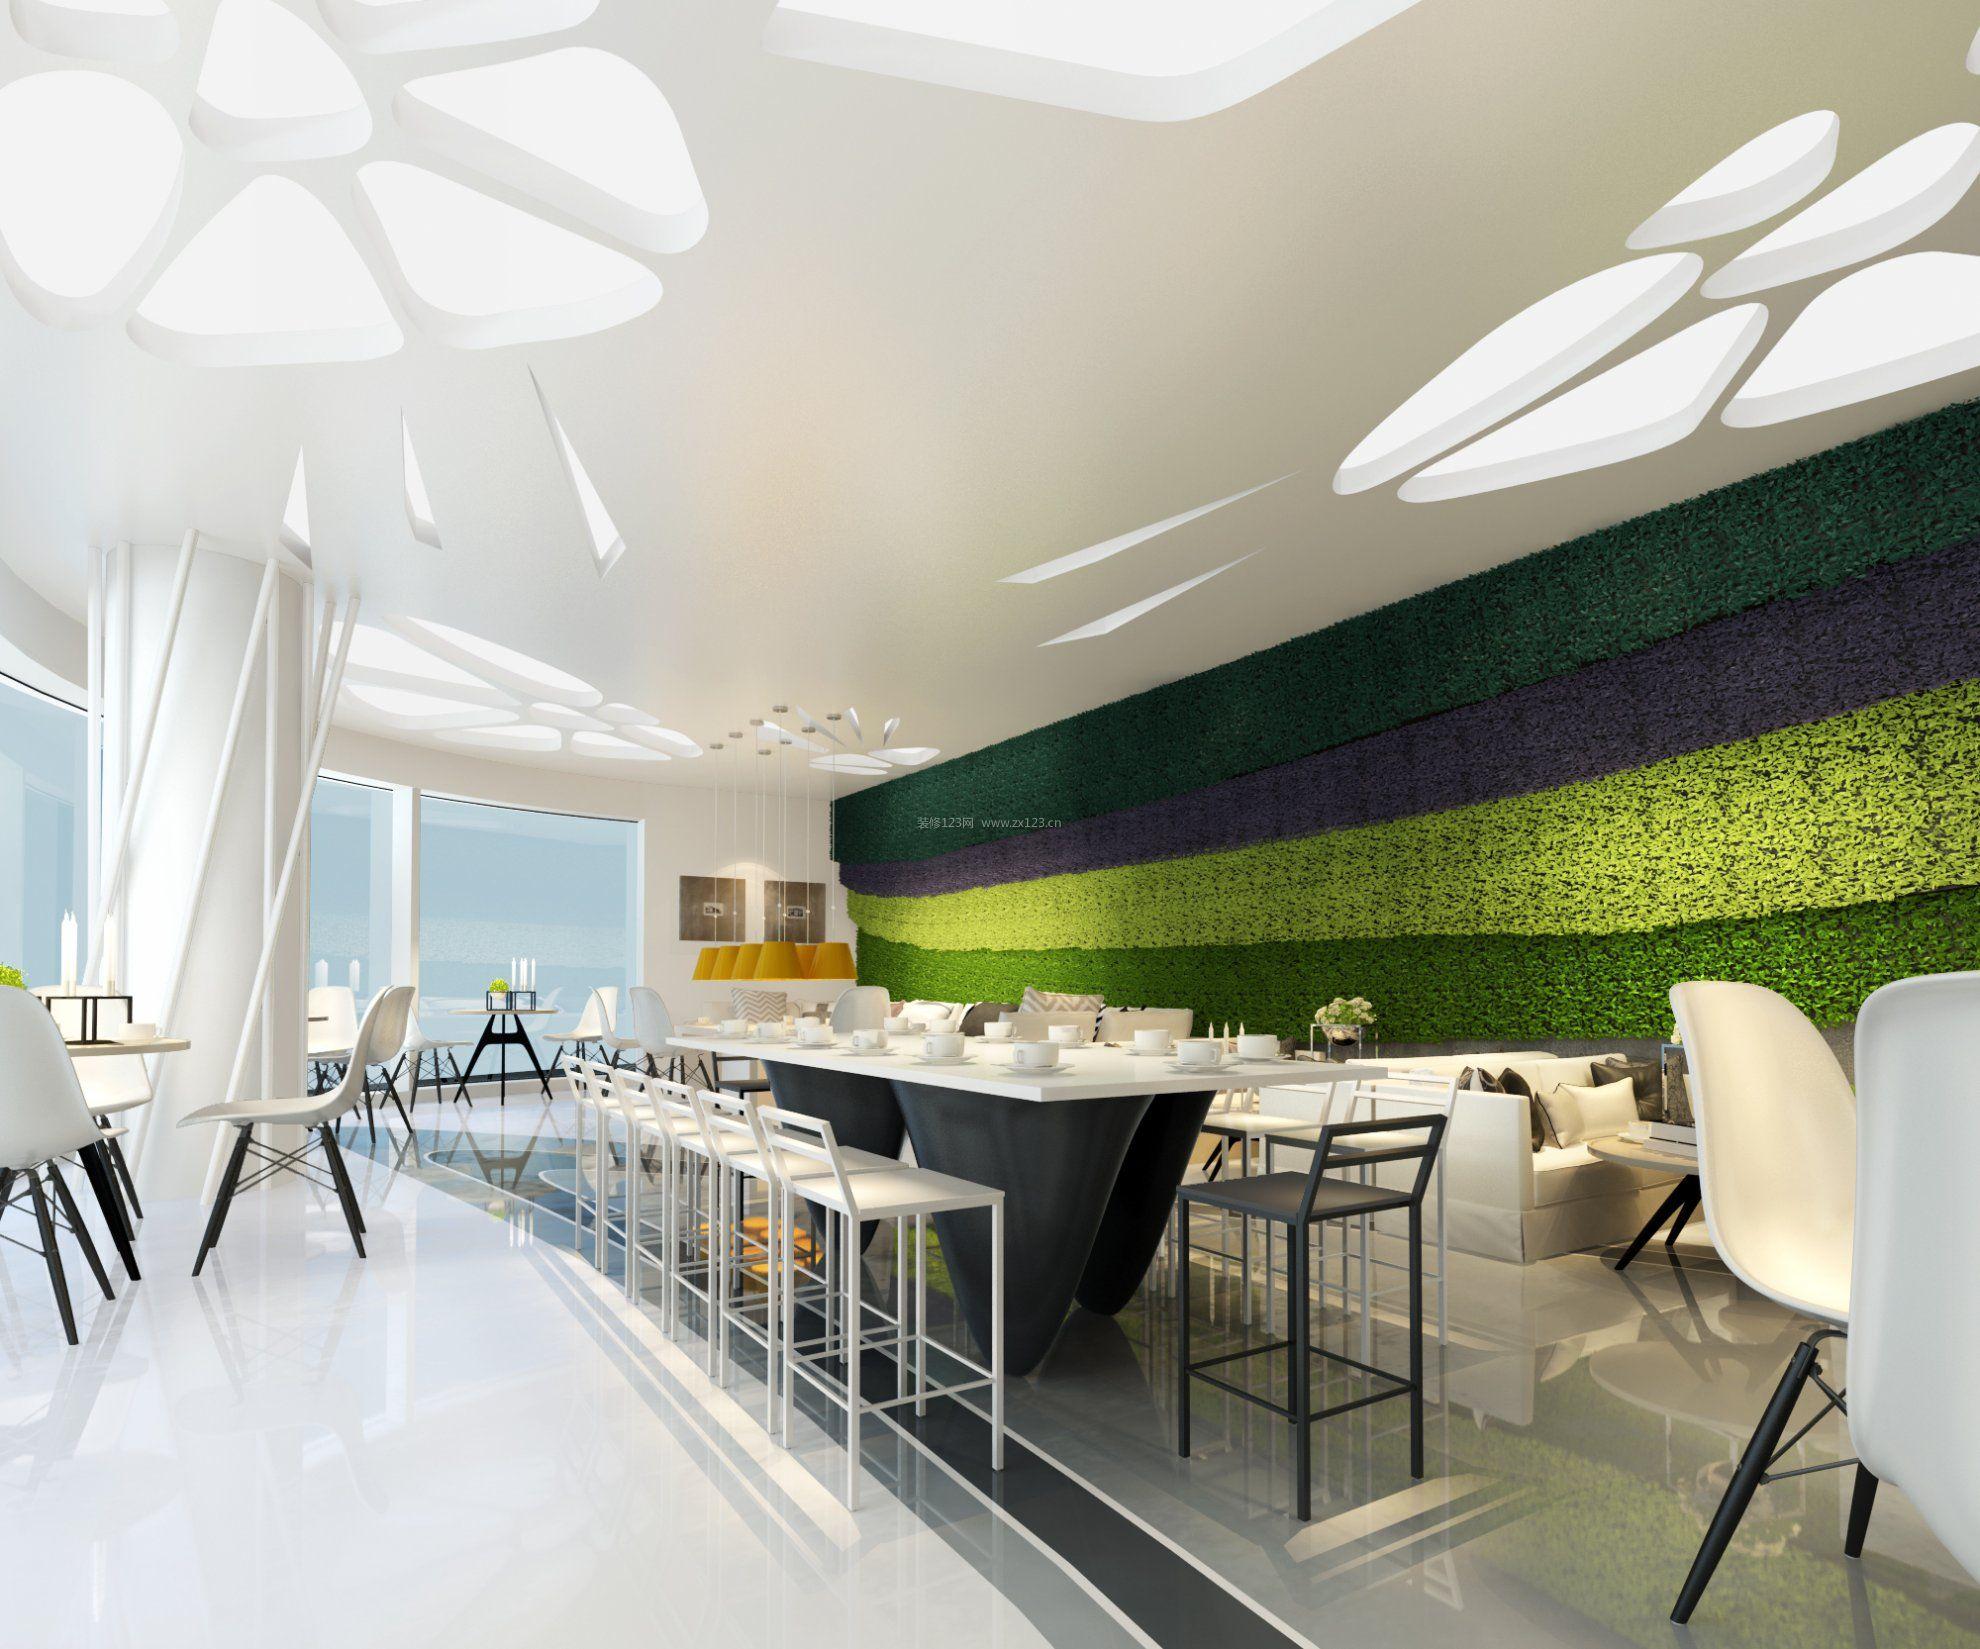 天花板吊顶装修效果图大全咖啡厅